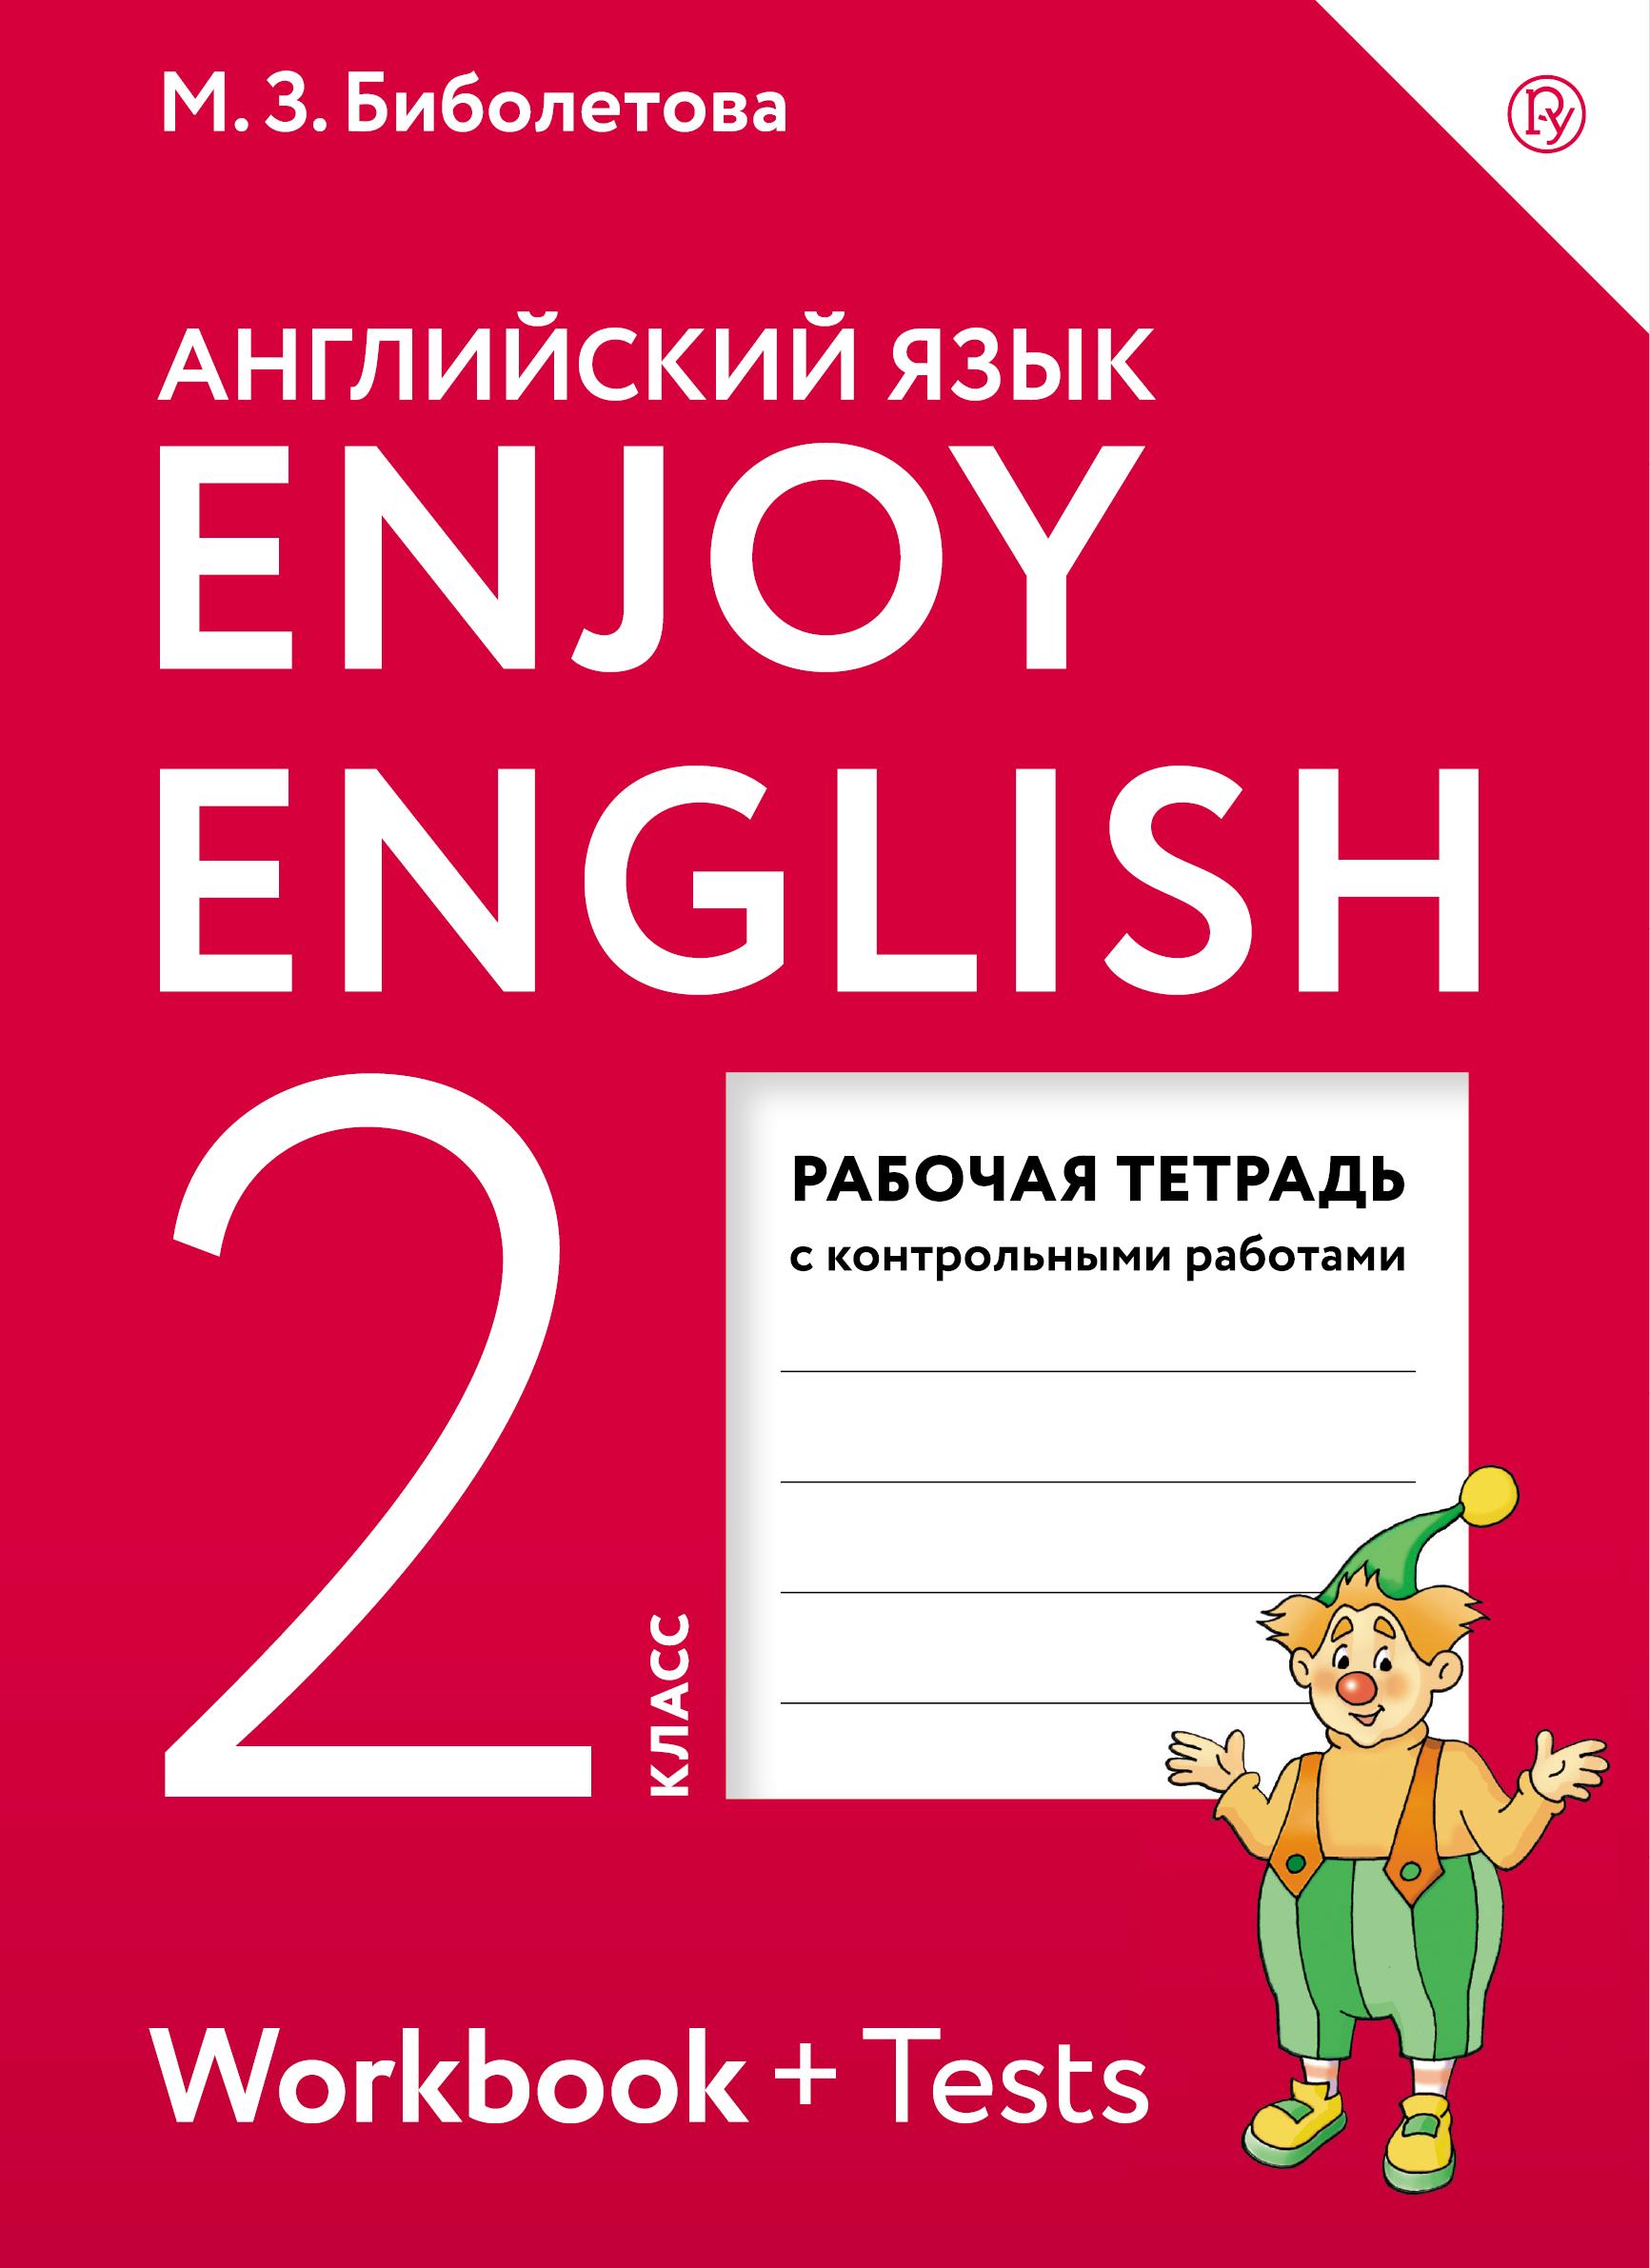 Английский язык. Enjoy English. Рабочая тетрадь. 2 класс Биболетова